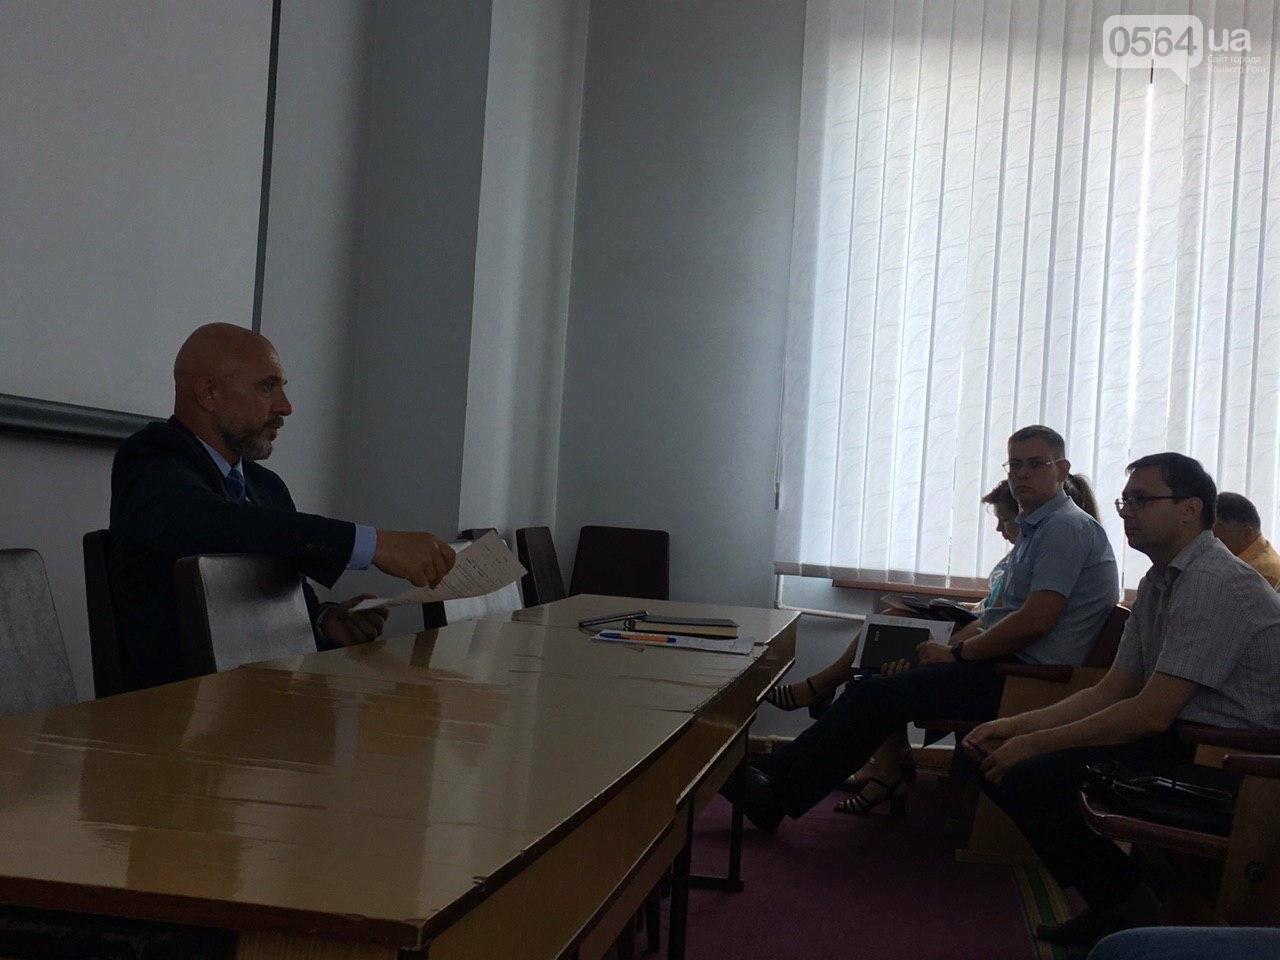 Криворожское КП пытается подготовится к отопительному сезону, несмотря на долг в полмиллиарда, - ФОТО , фото-62